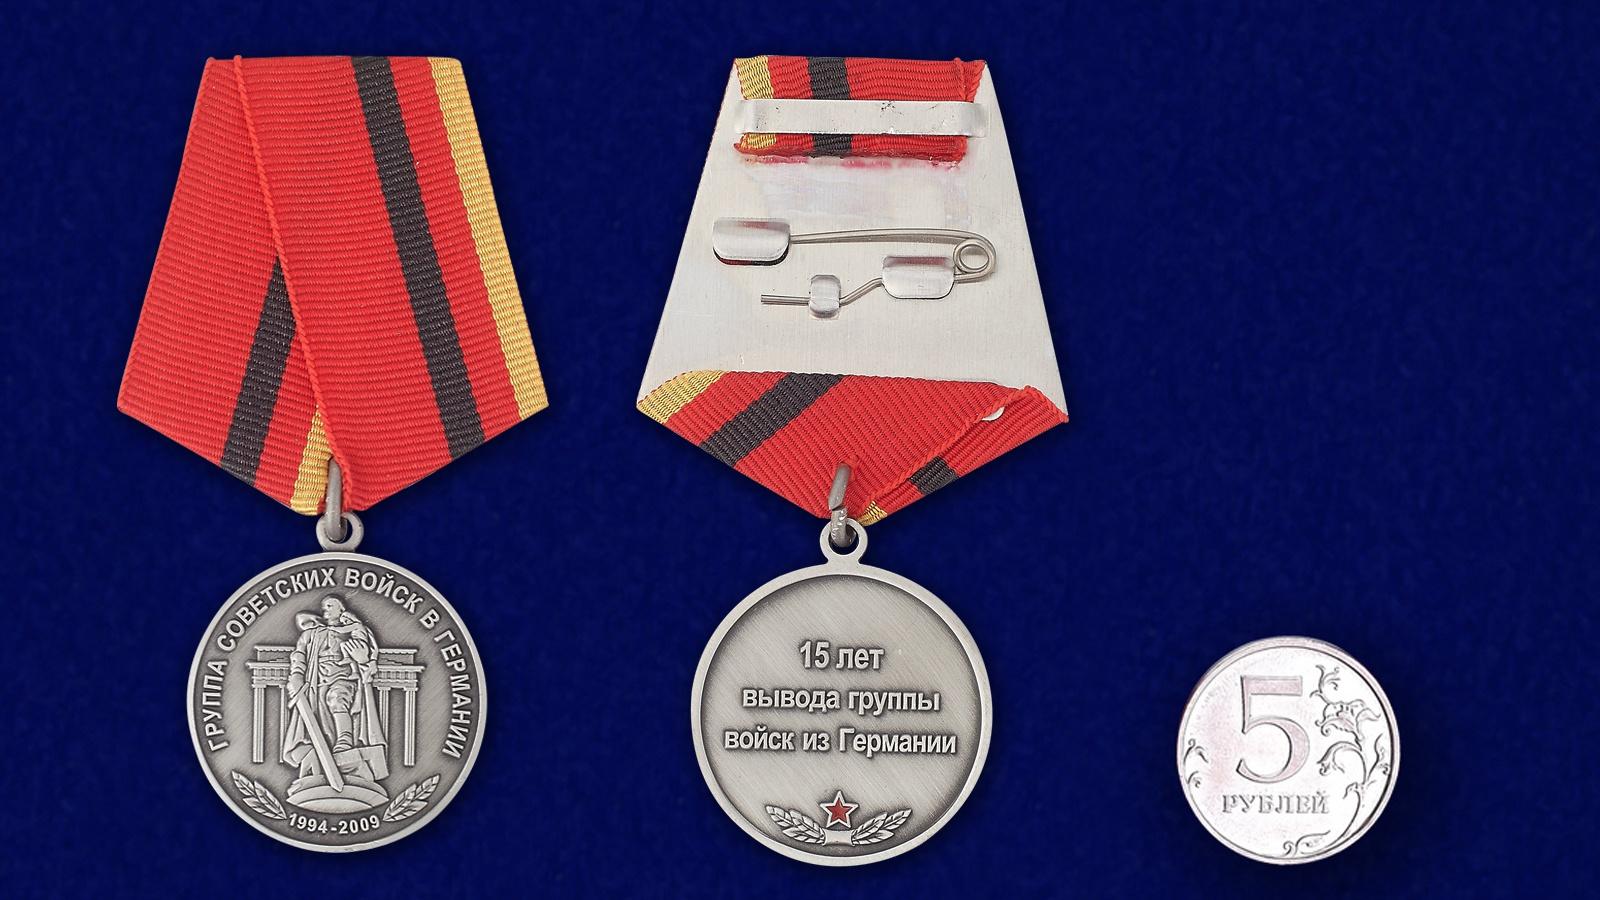 Медаль 15 лет вывода Группы войск из Германии - сравнительный вид